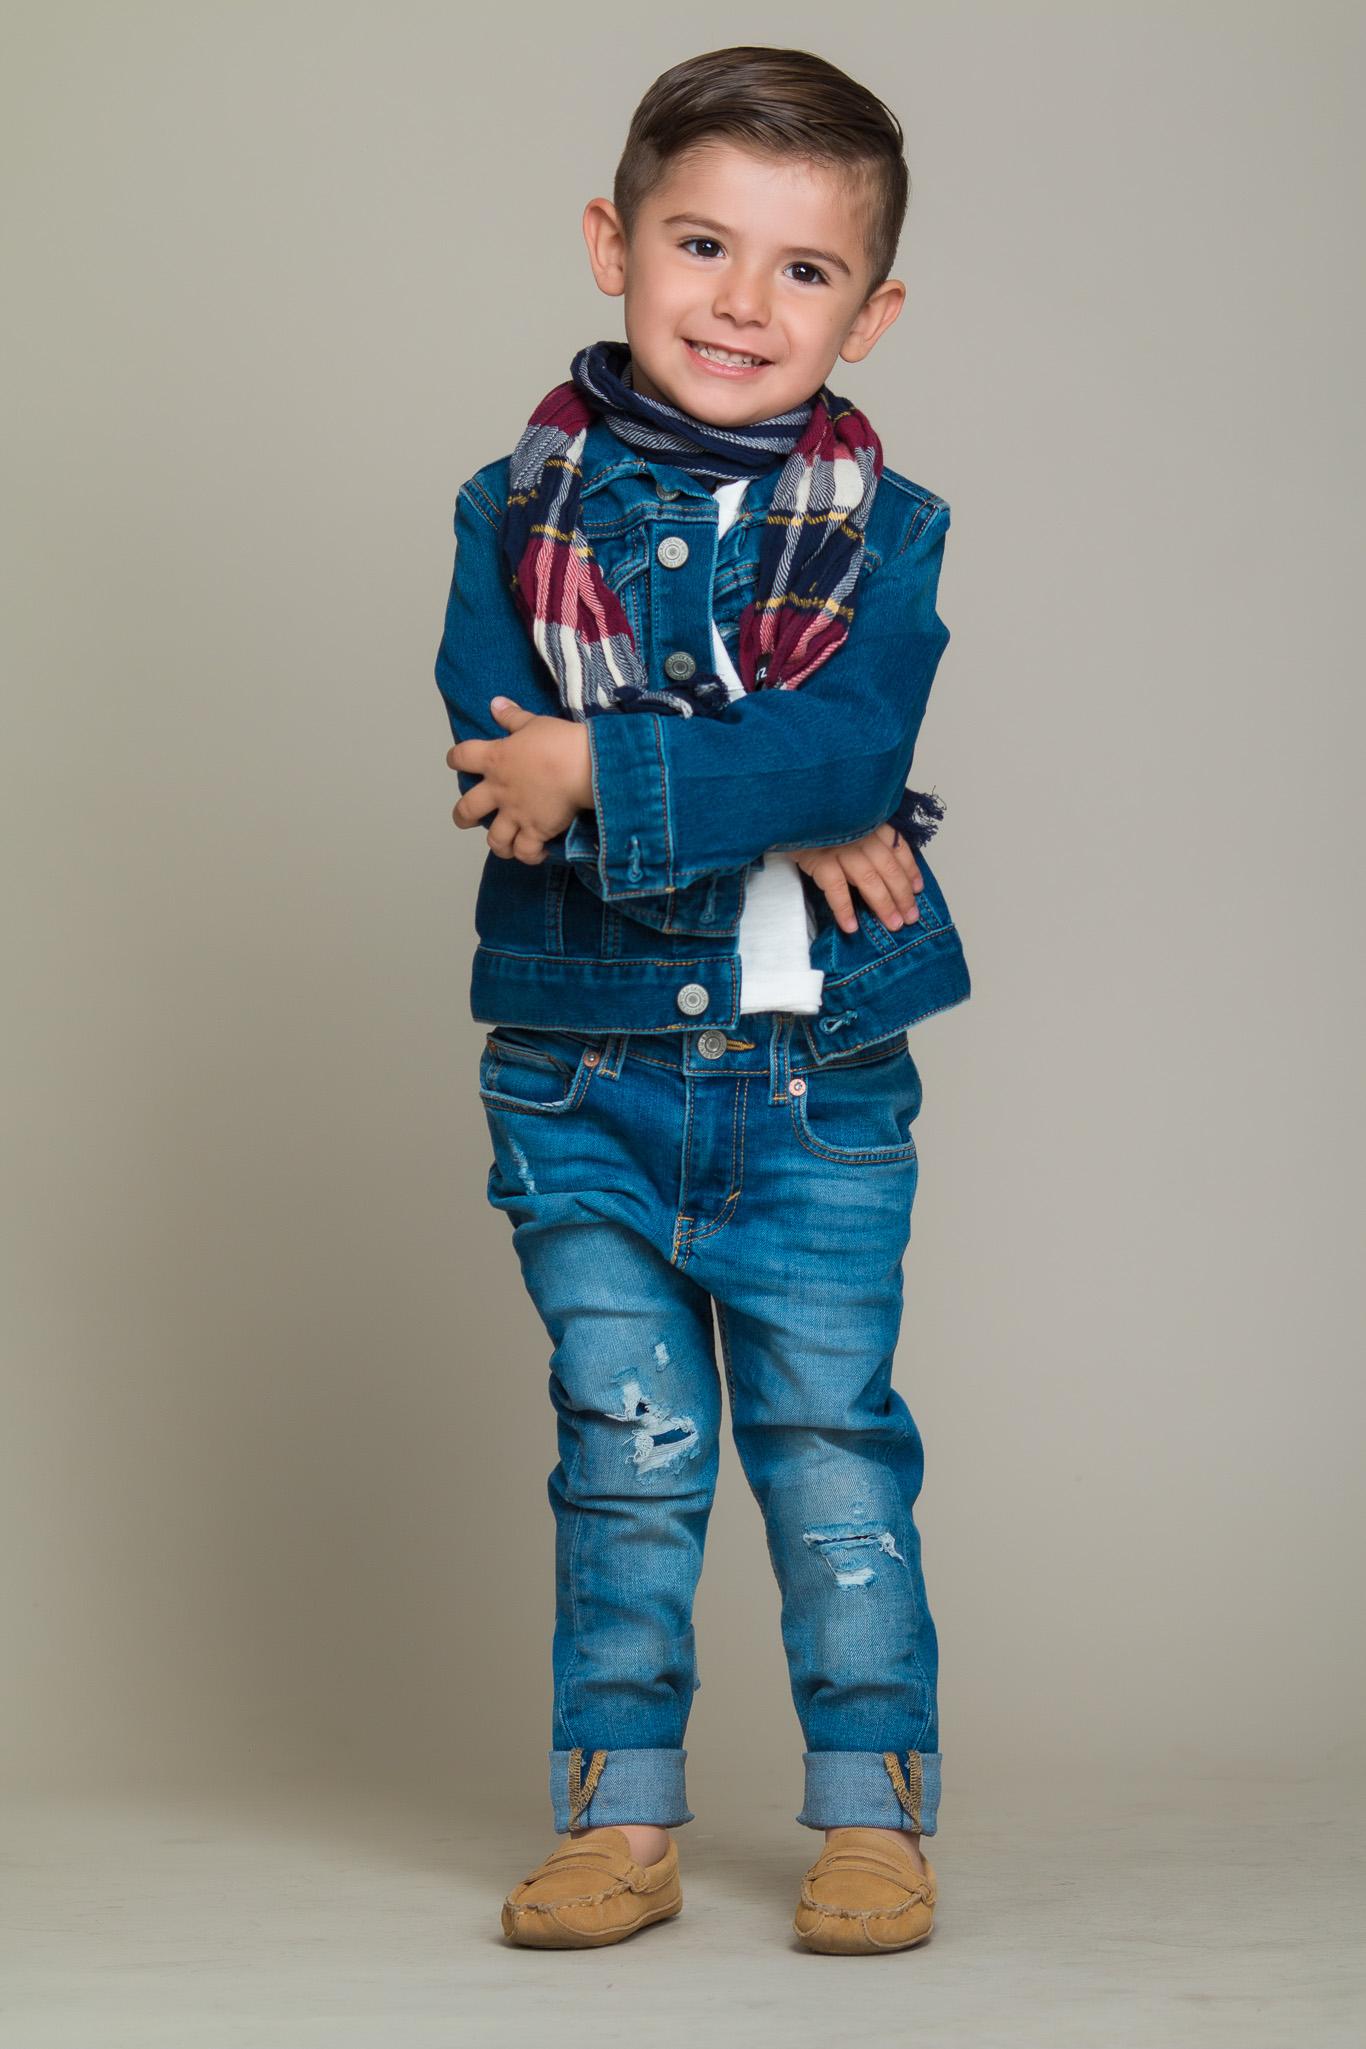 Kid Talent Model